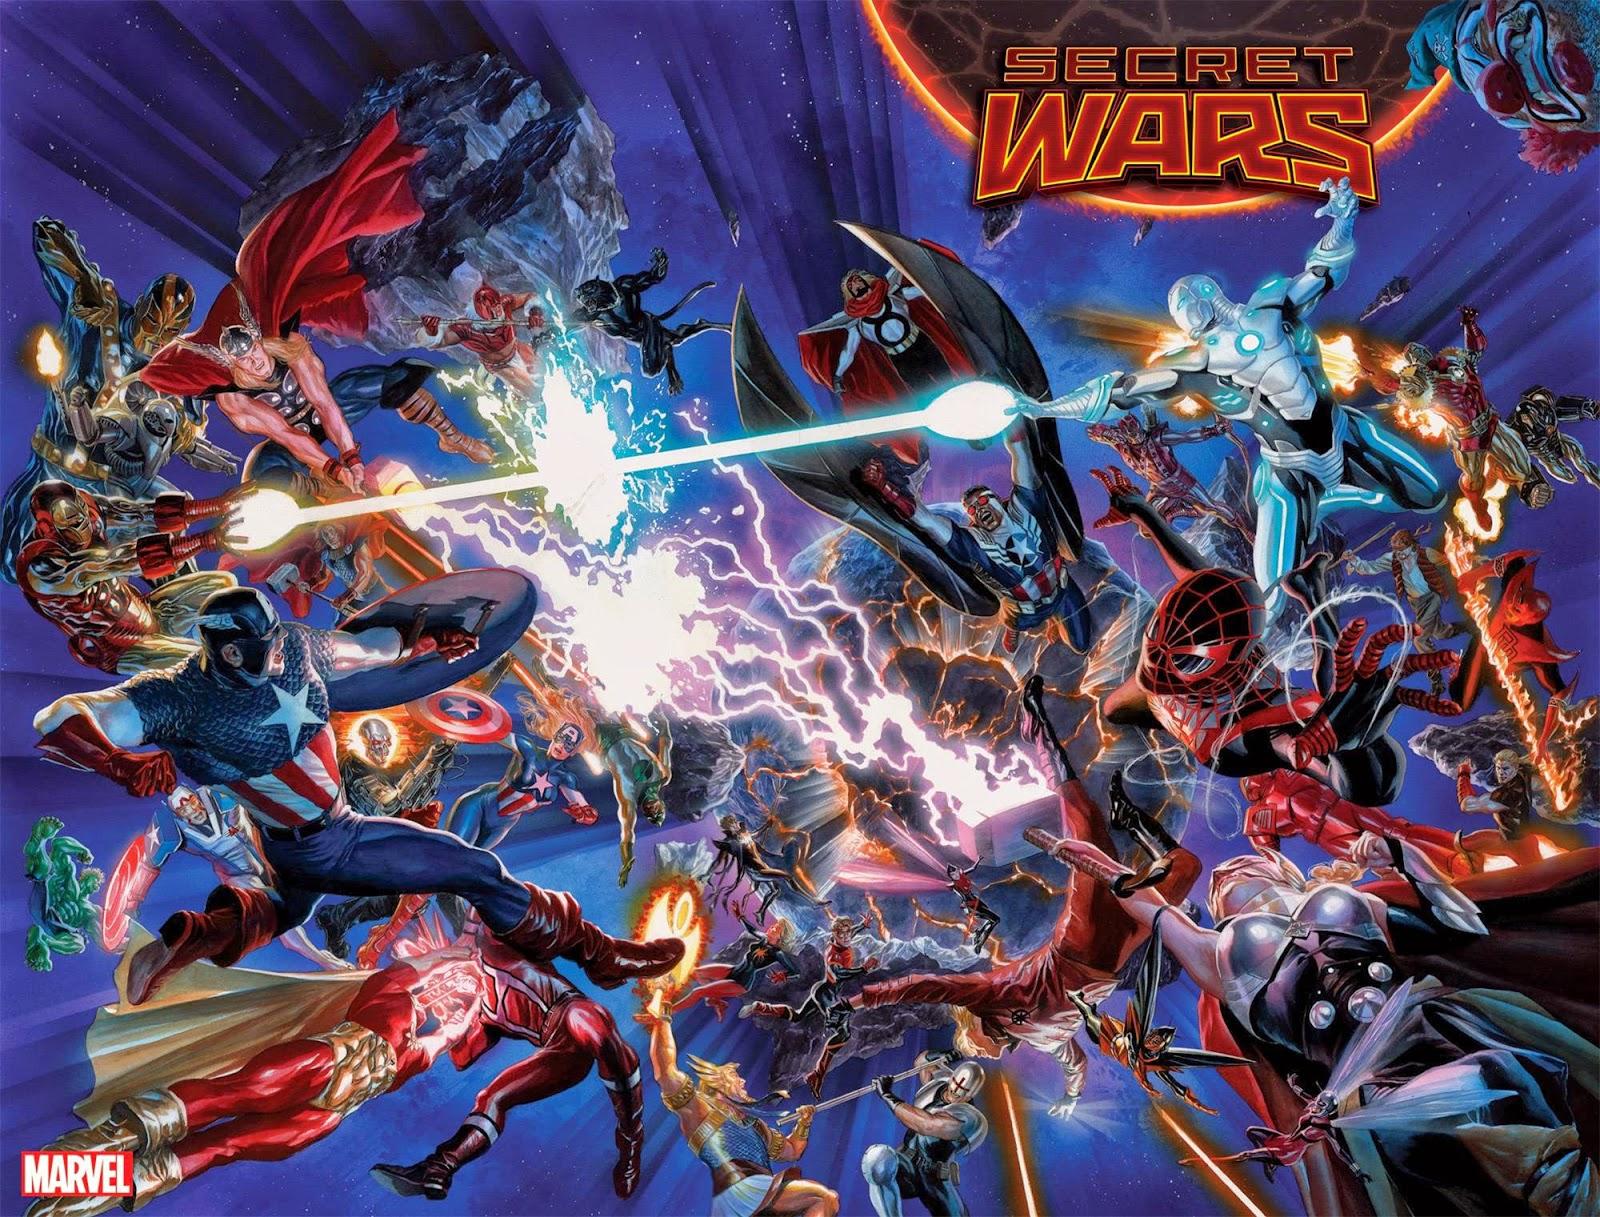 Marvel Announces new Secret Wars Event, Release Alex Ross Promo Image